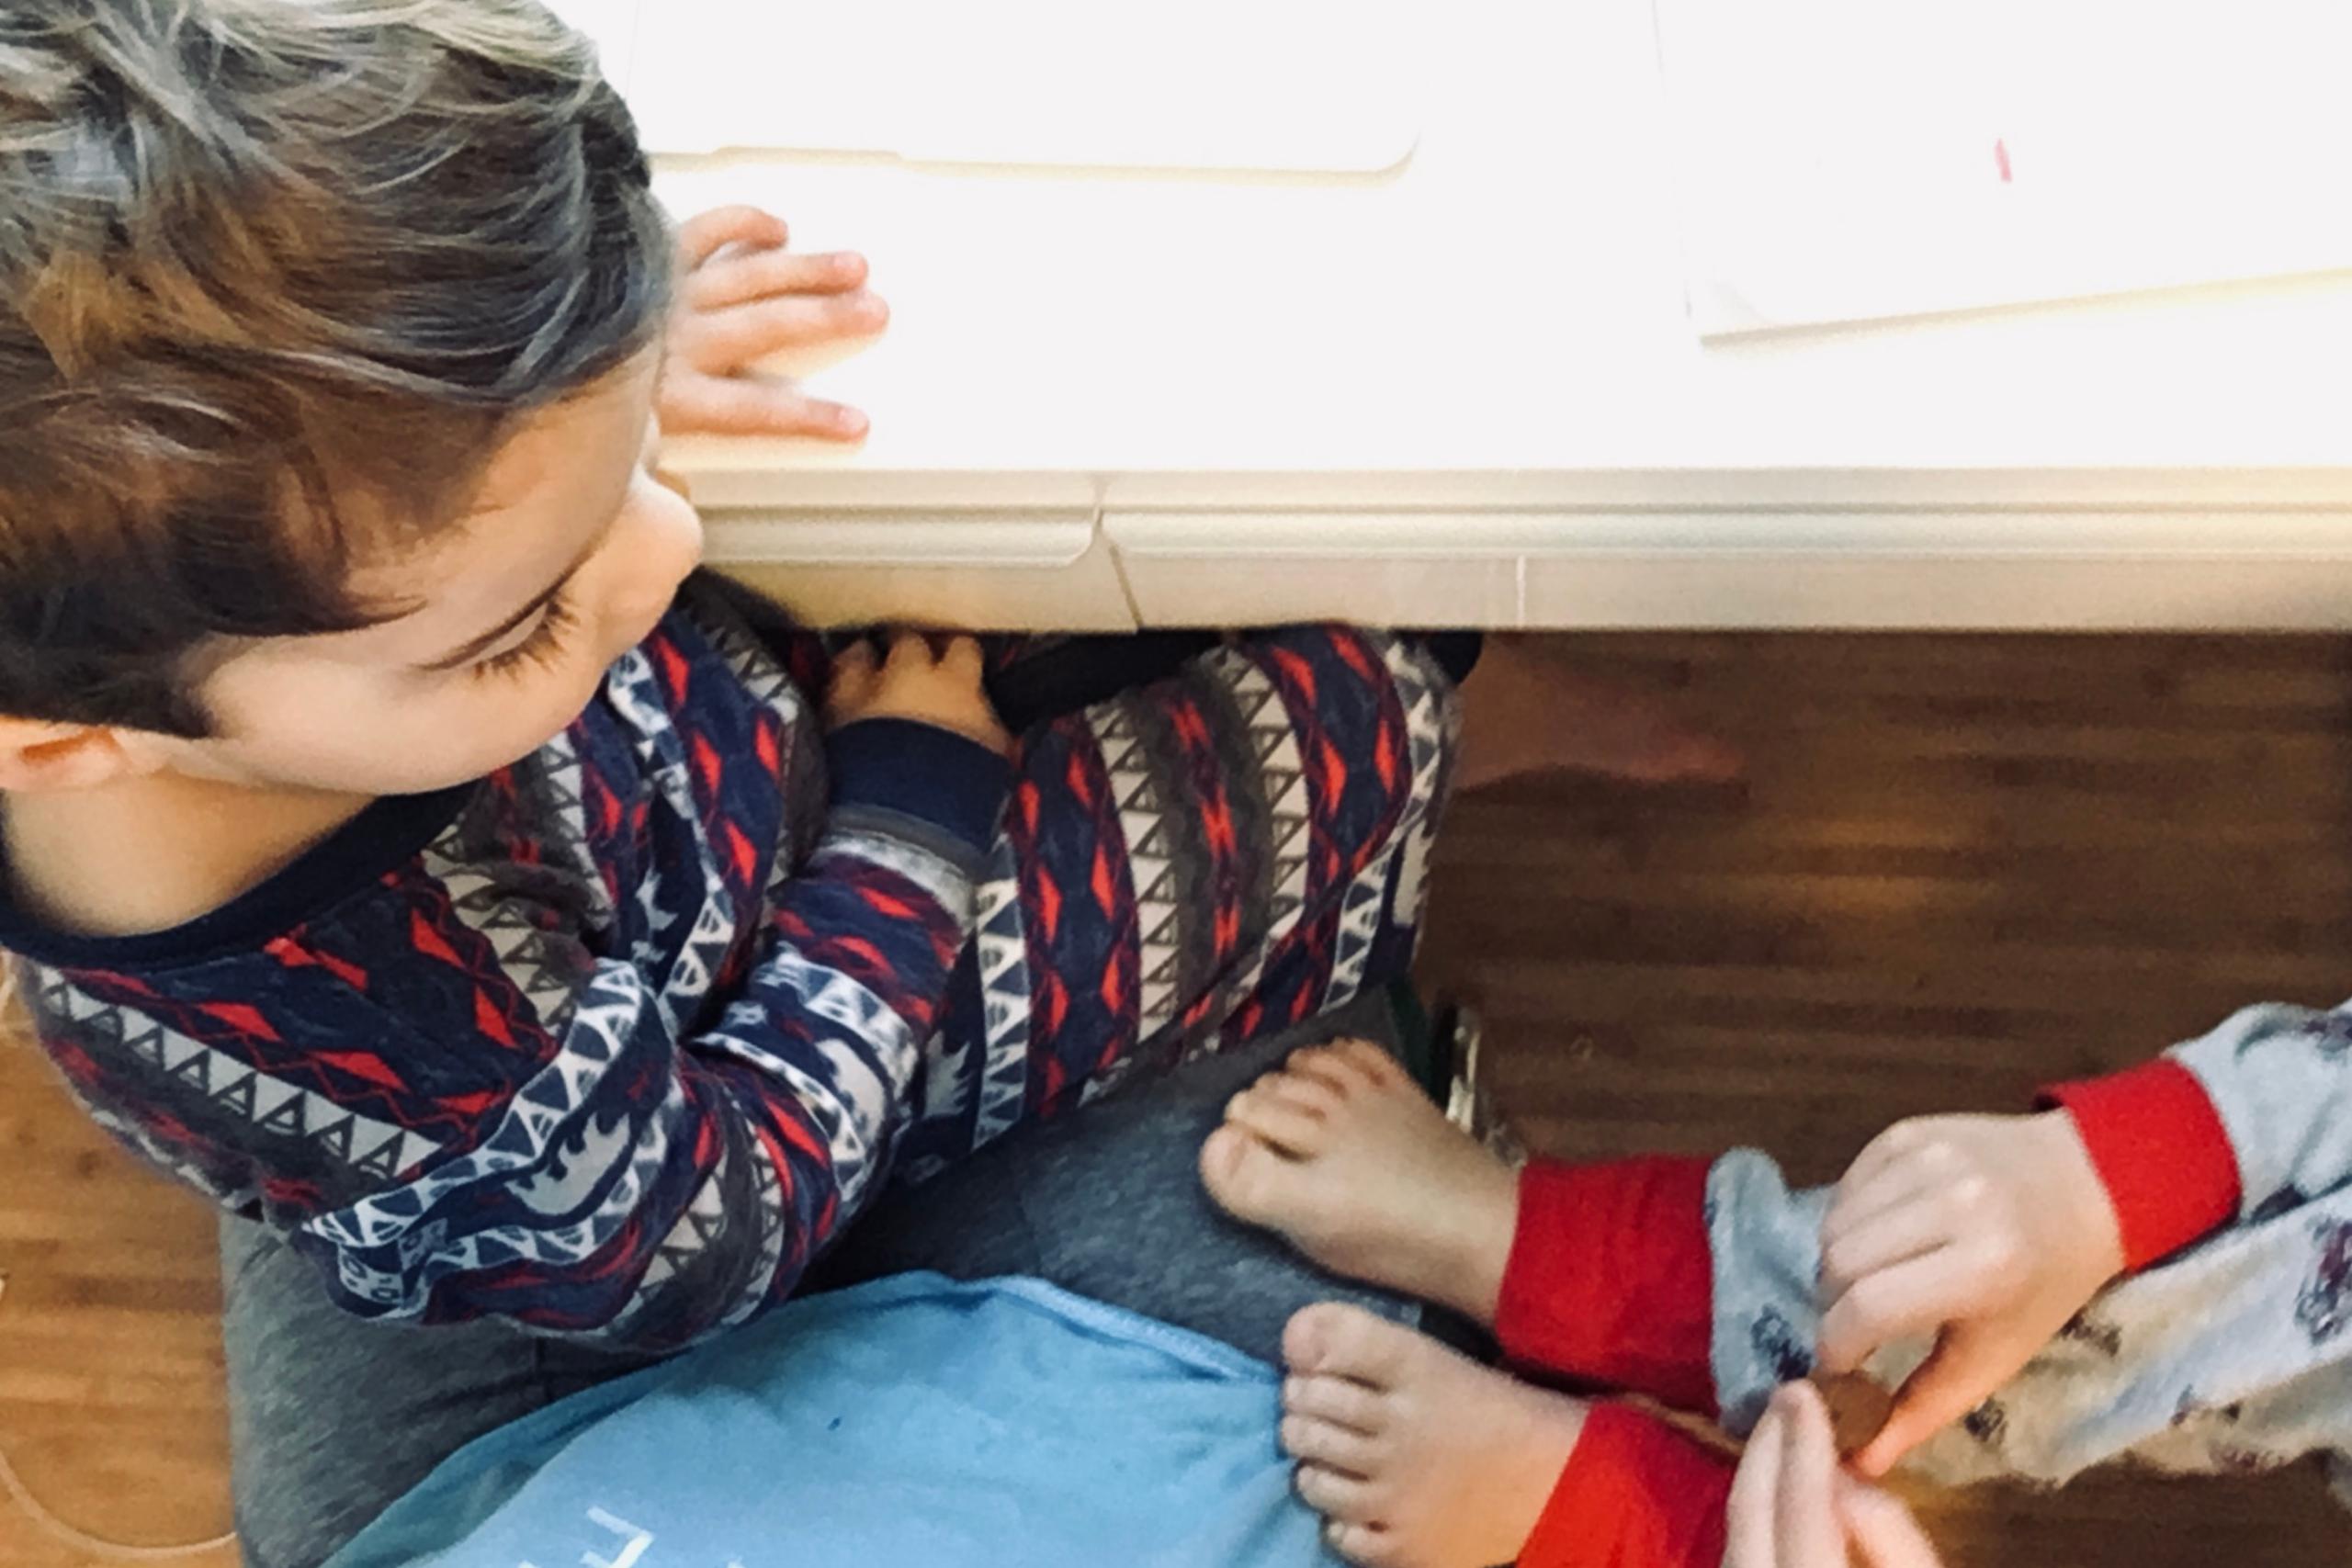 un mère tente de travailler avec ses enfants sur les genoux